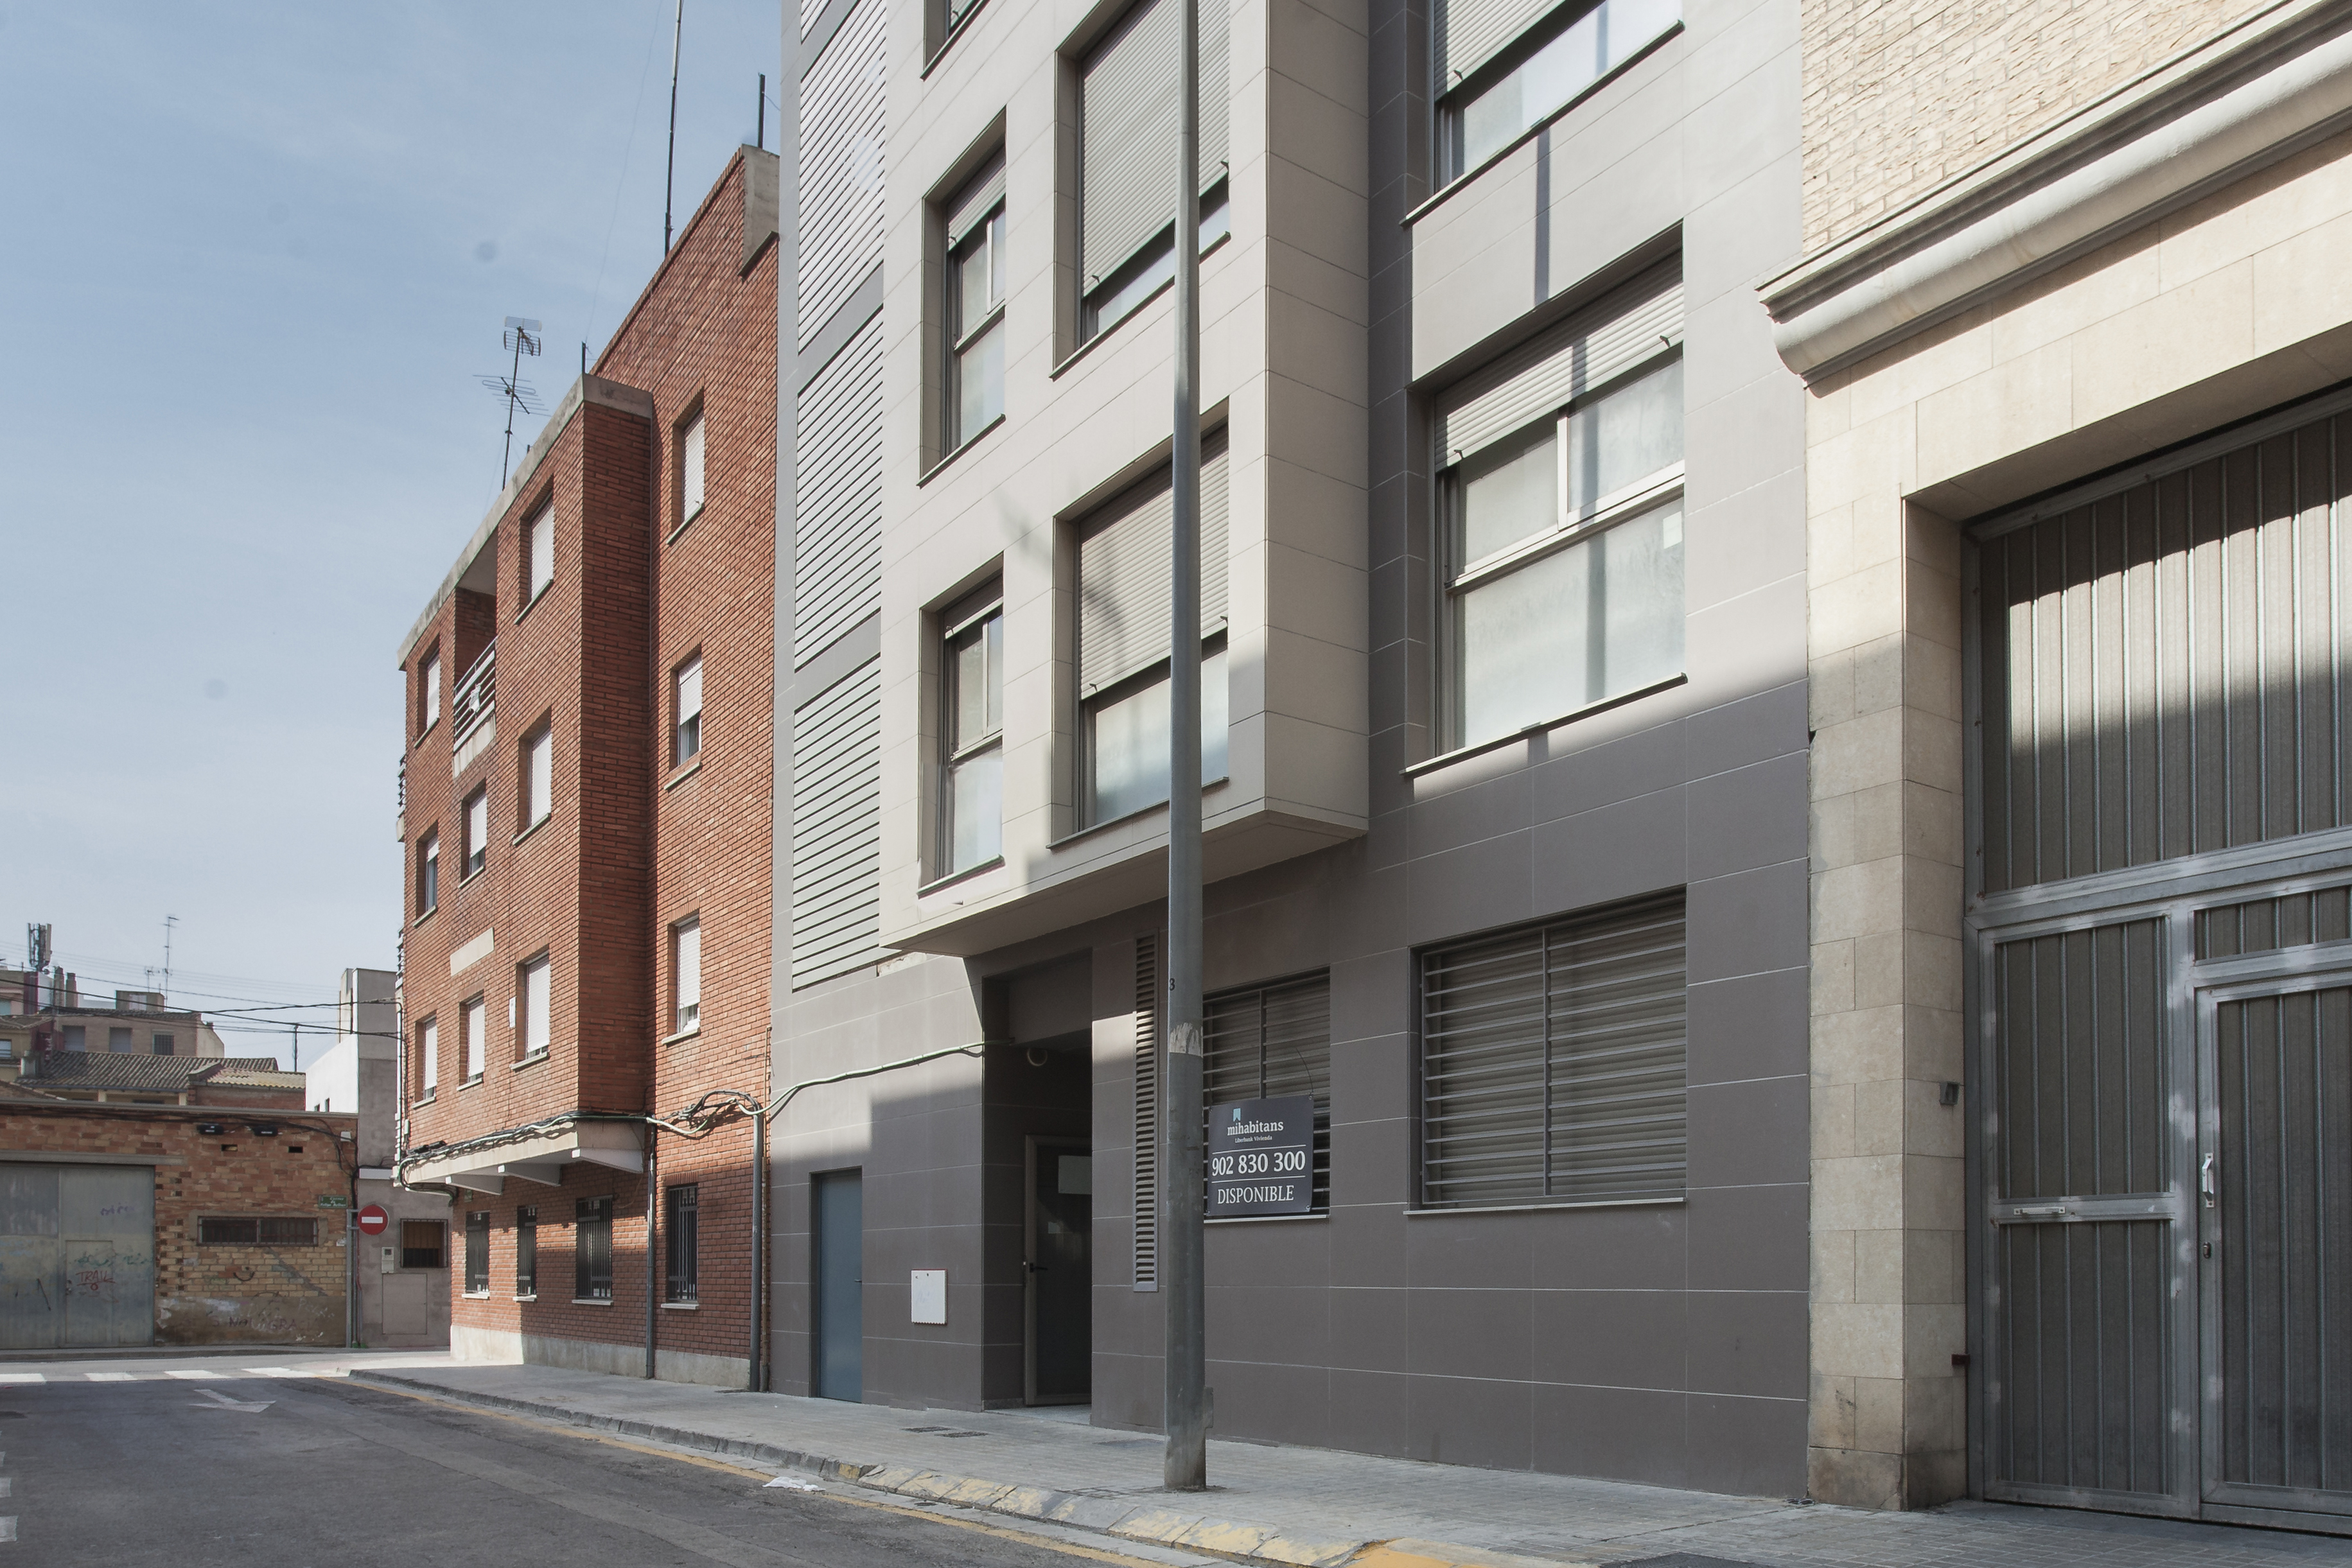 Obra nueva junto al parque de cabecera mislata casas del mediterr neo - Casas del mediterraneo valencia ...